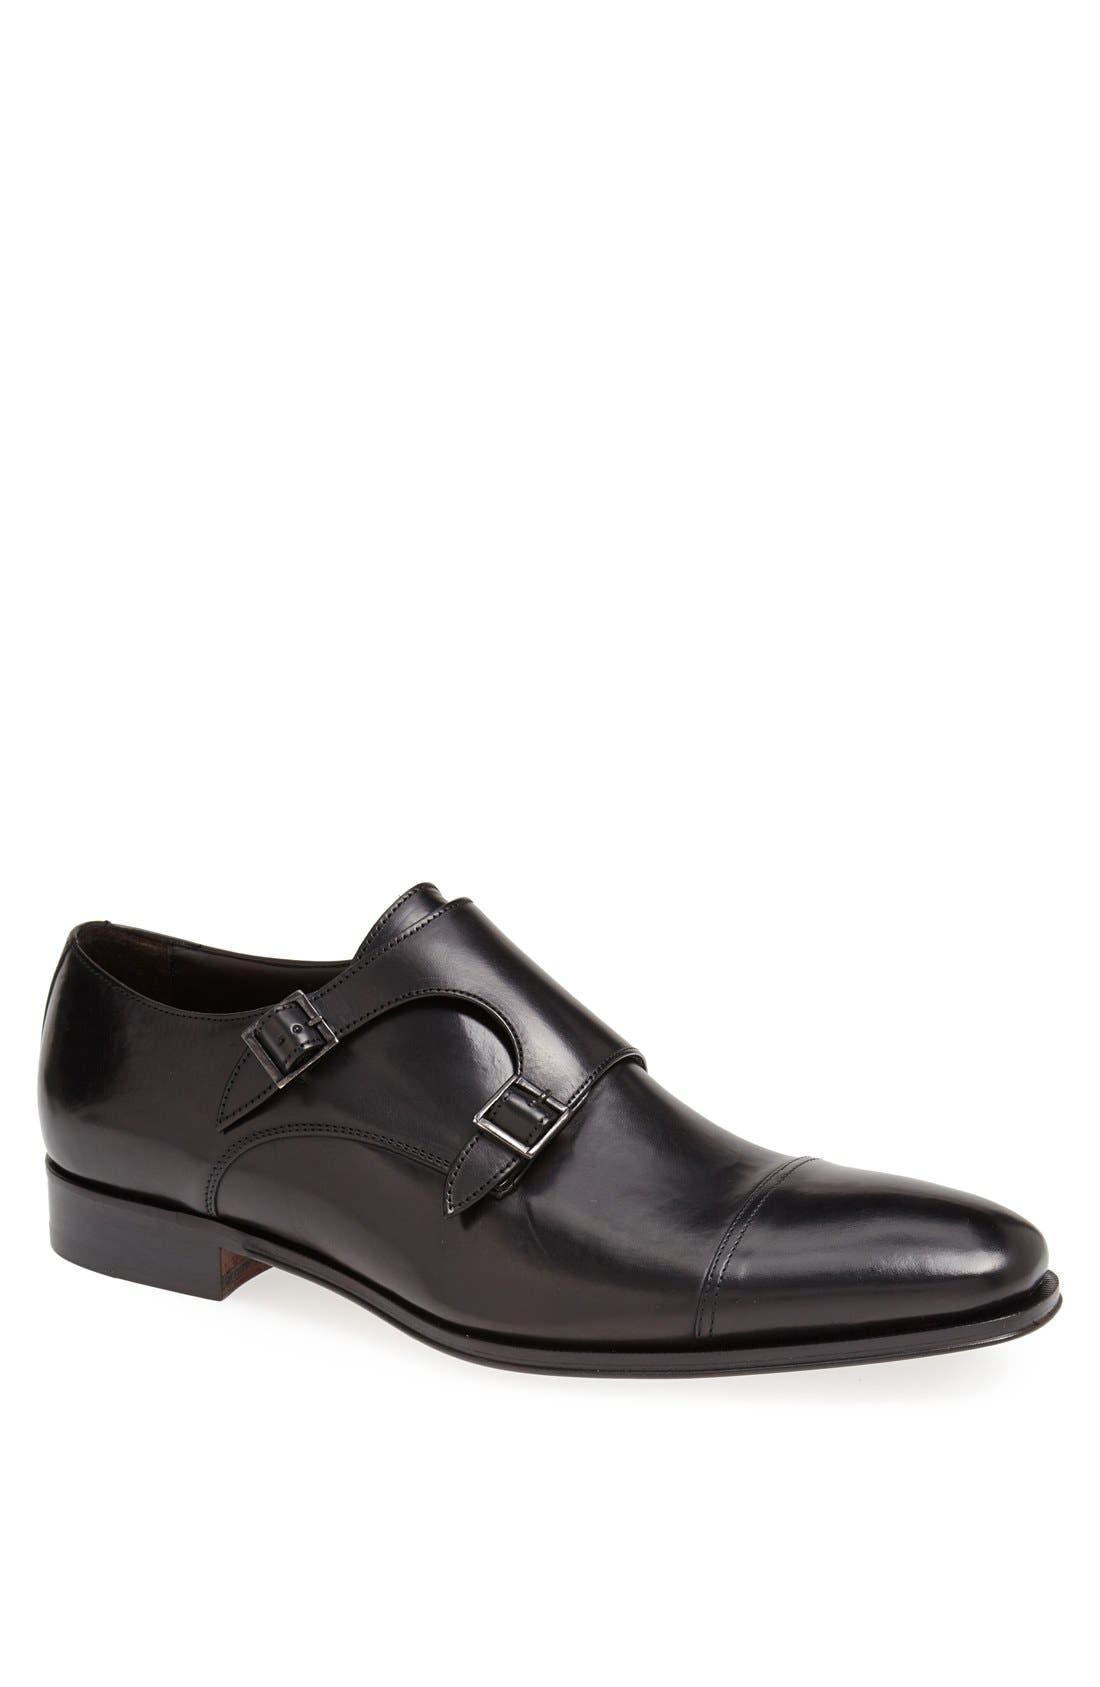 'Grant' Double Monk Shoe,                             Main thumbnail 1, color,                             PARMA BLACK